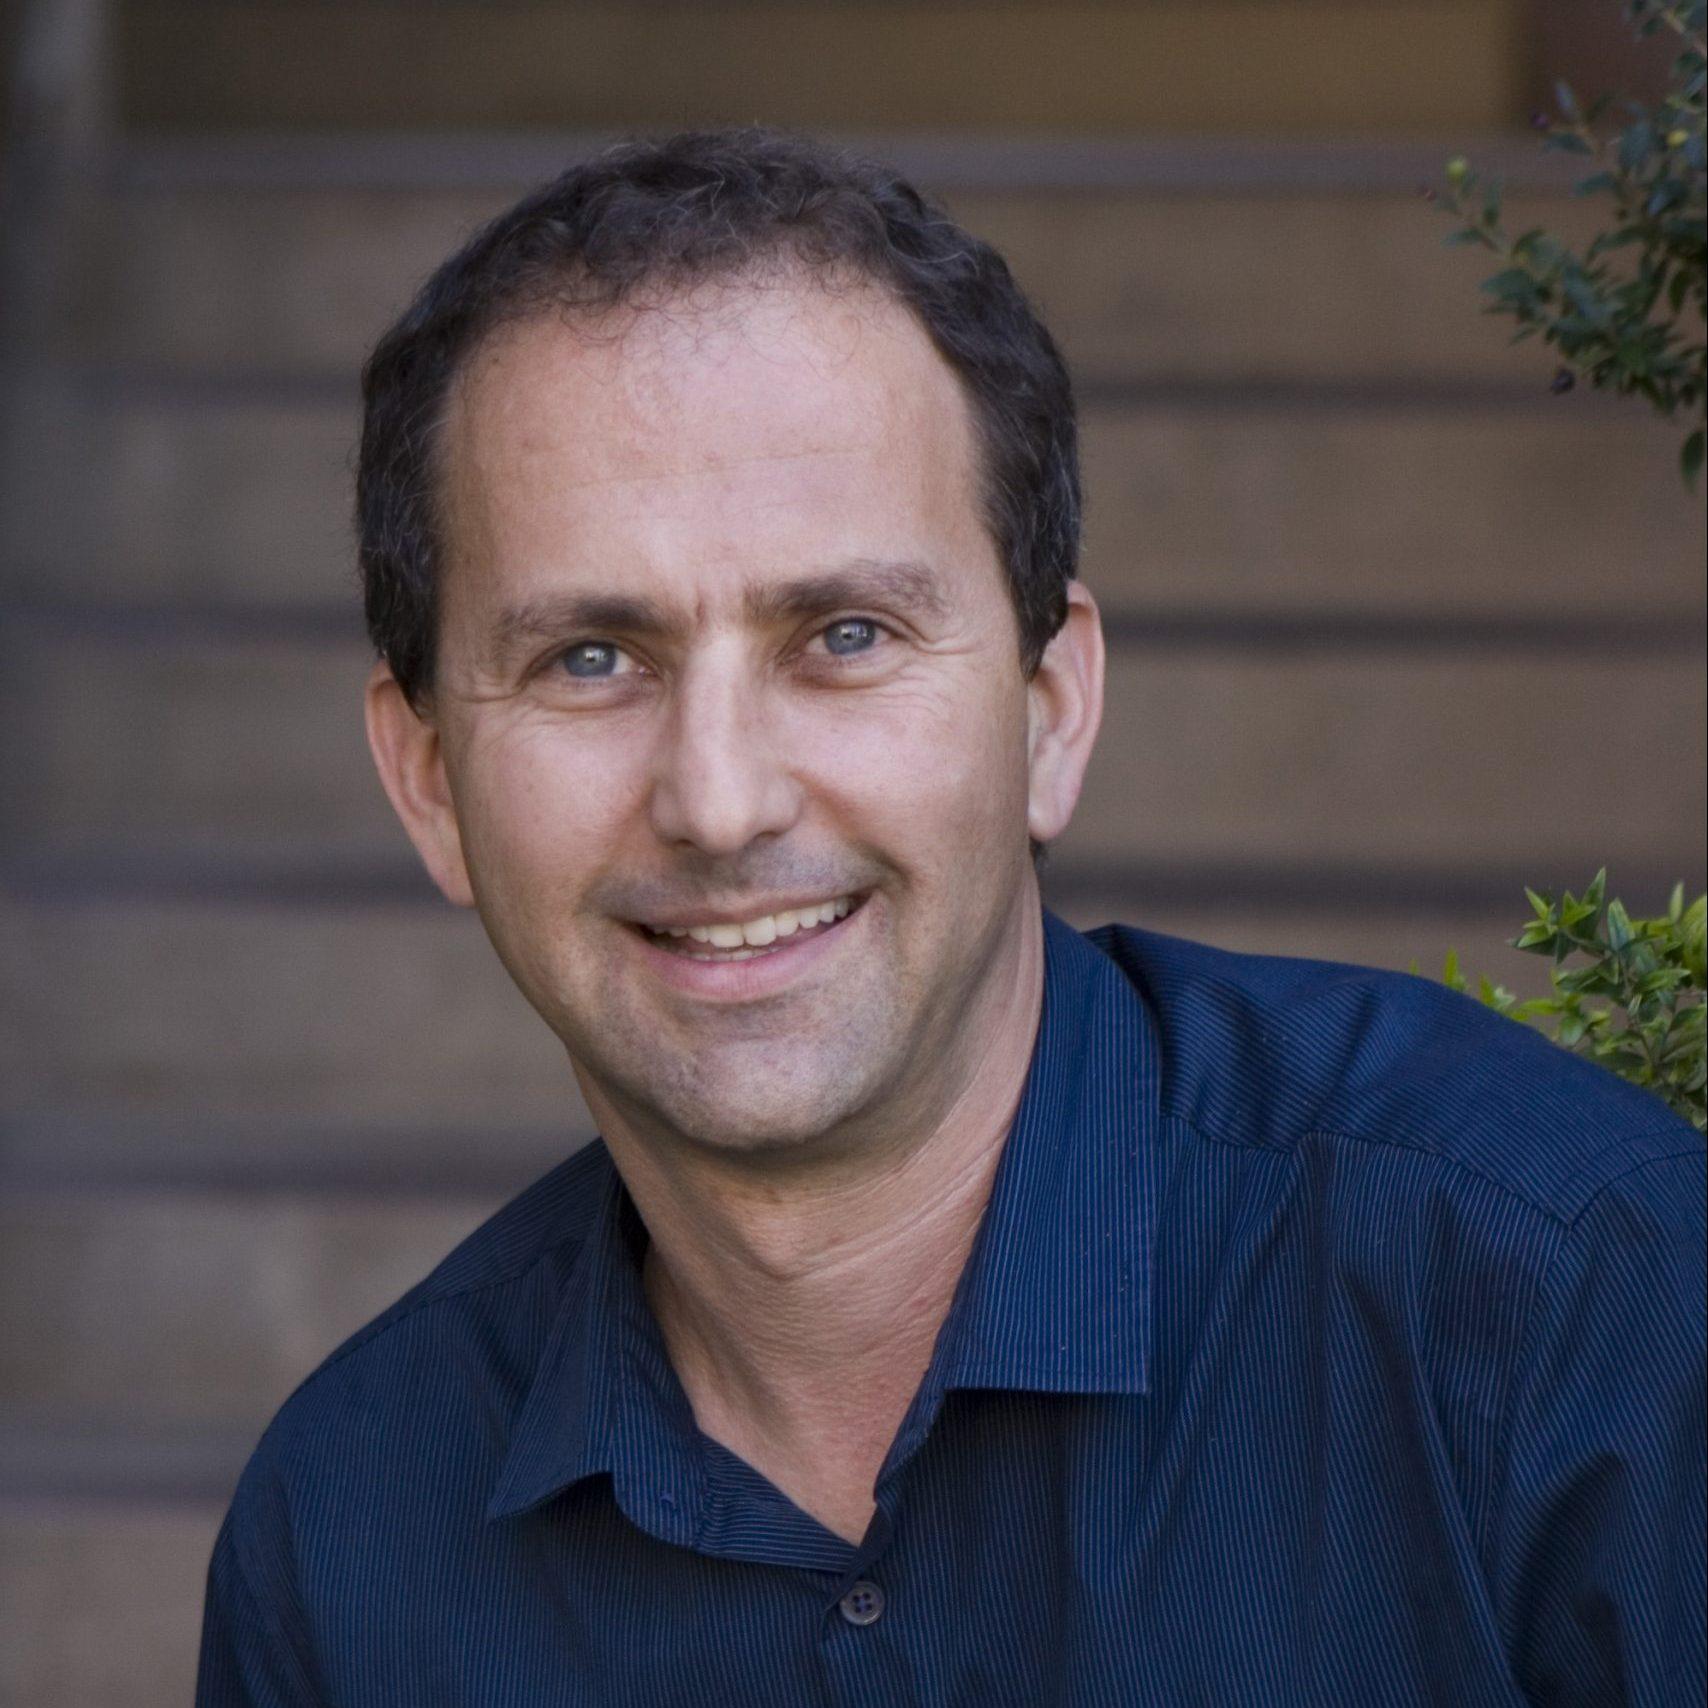 David Fruman